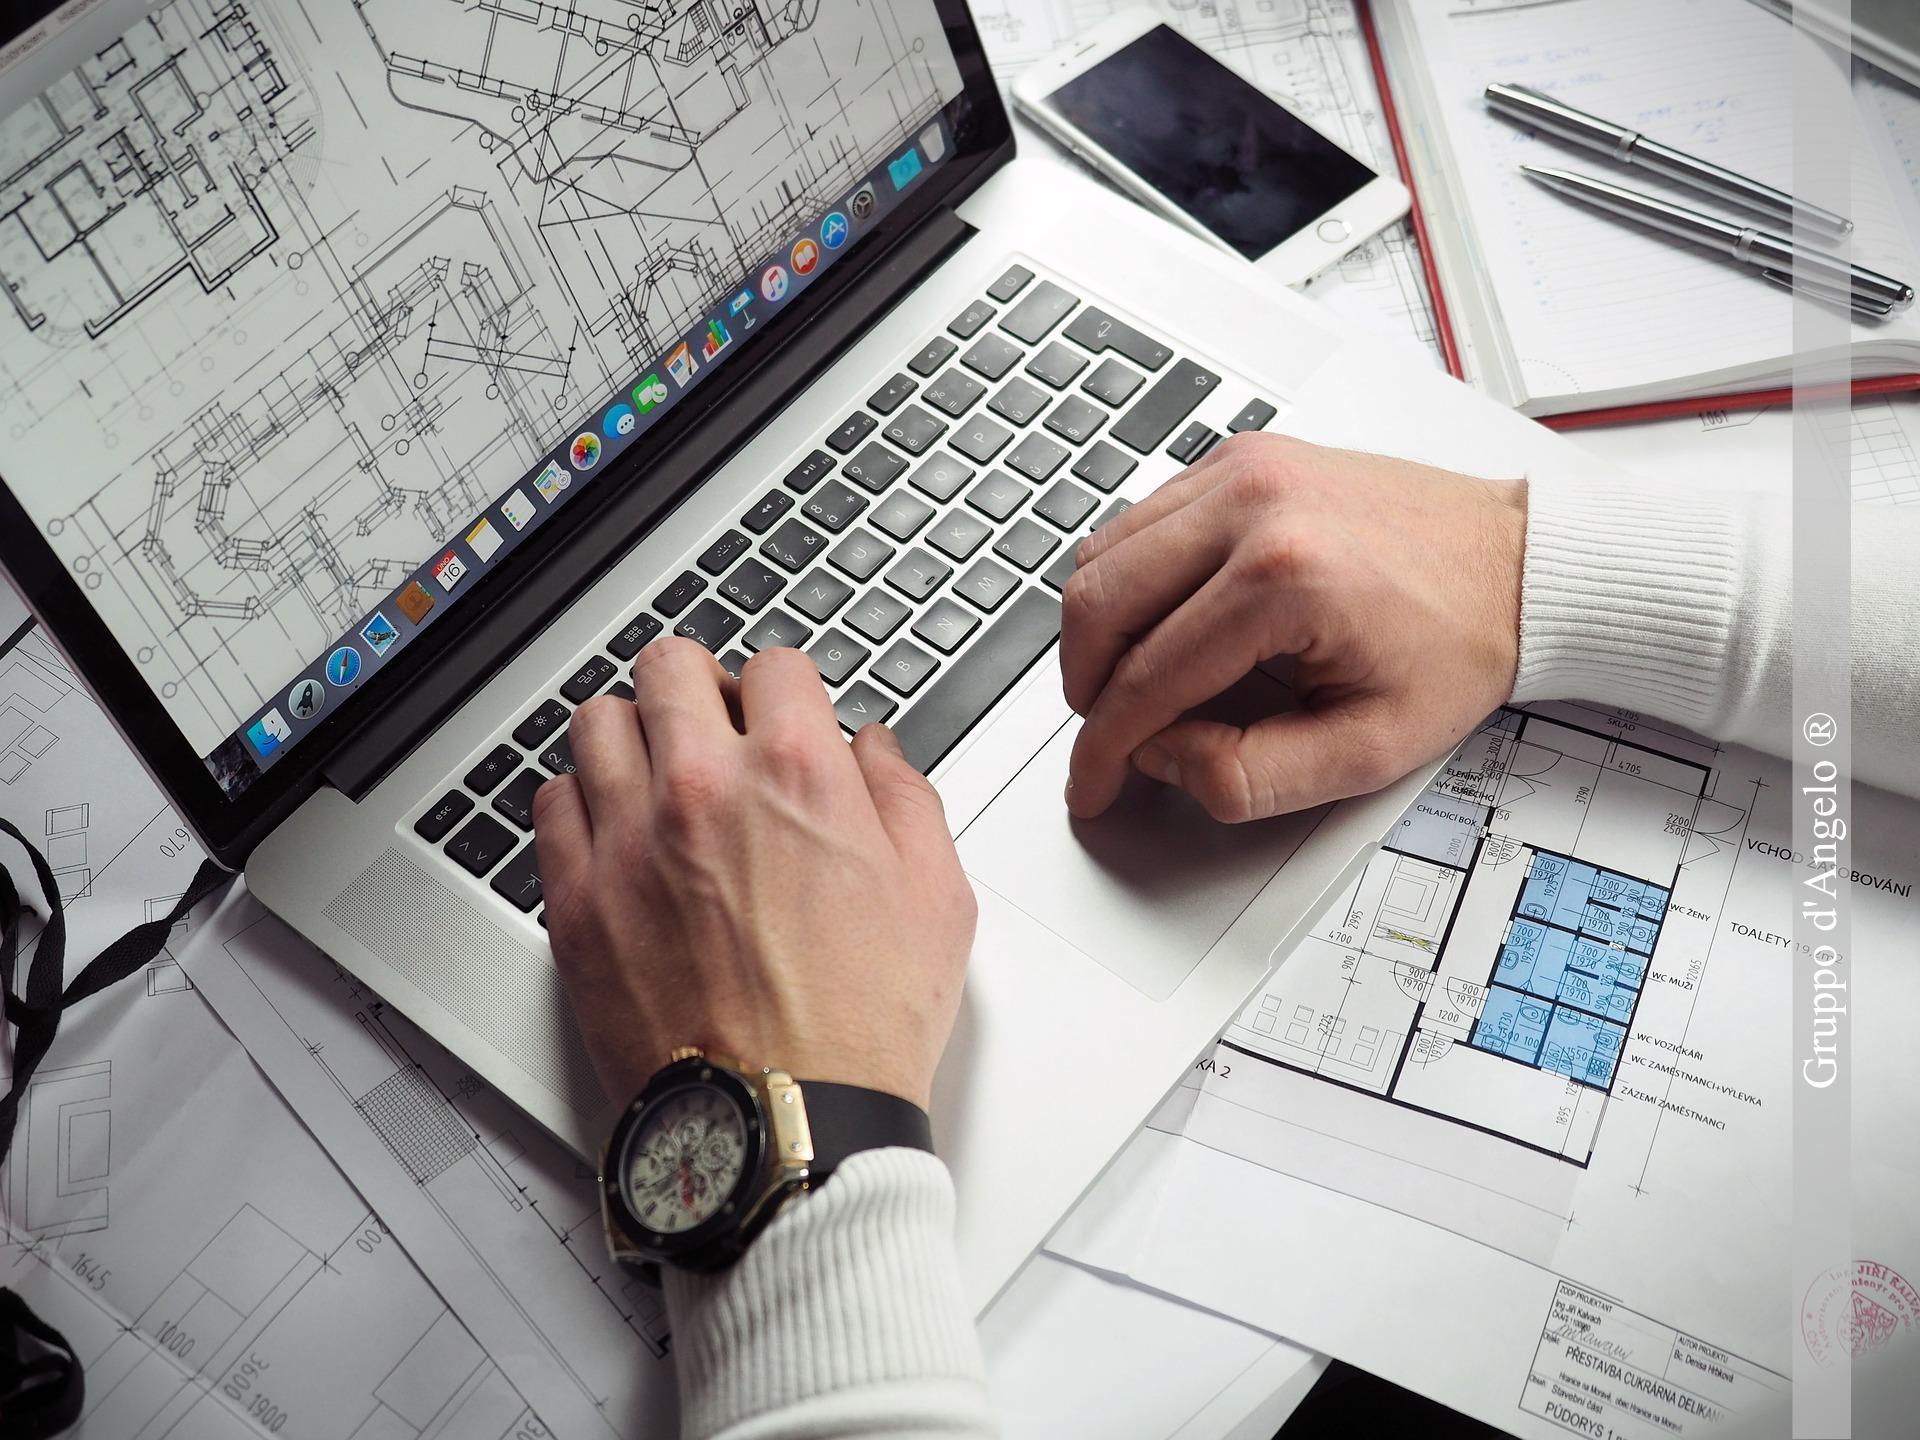 gruppo dangelo_blueprint